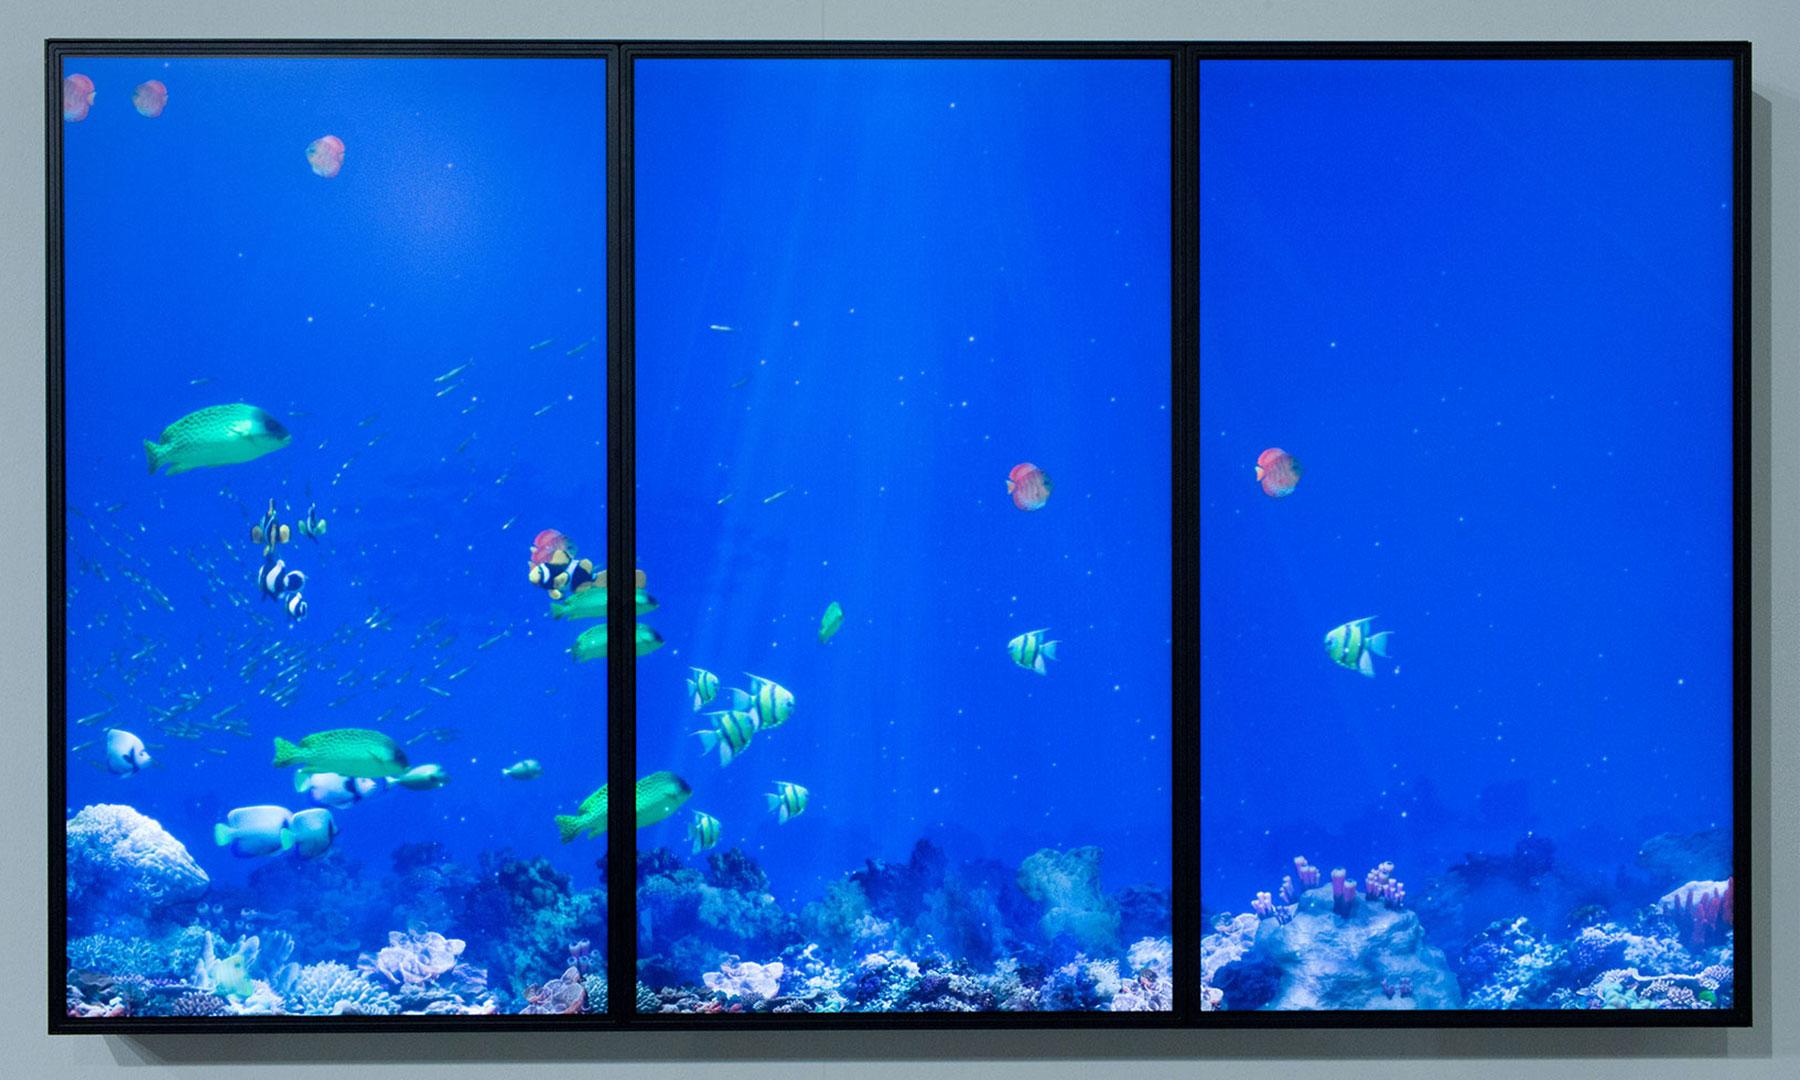 Deep Blue Interactive Aquarium